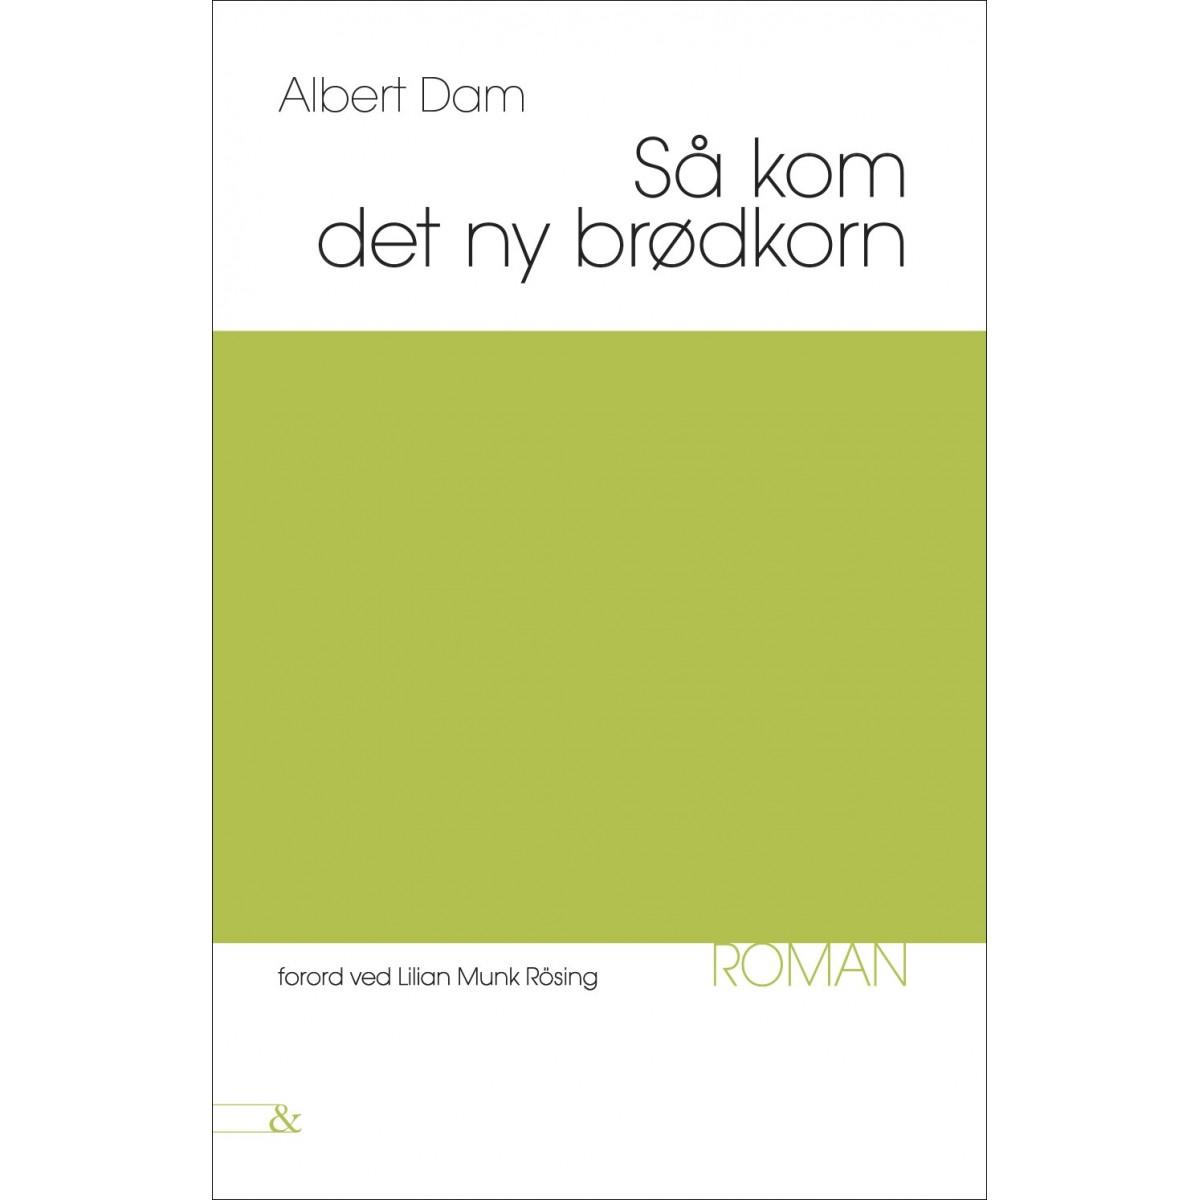 Albert Dam: Så kom det ny brødkorn